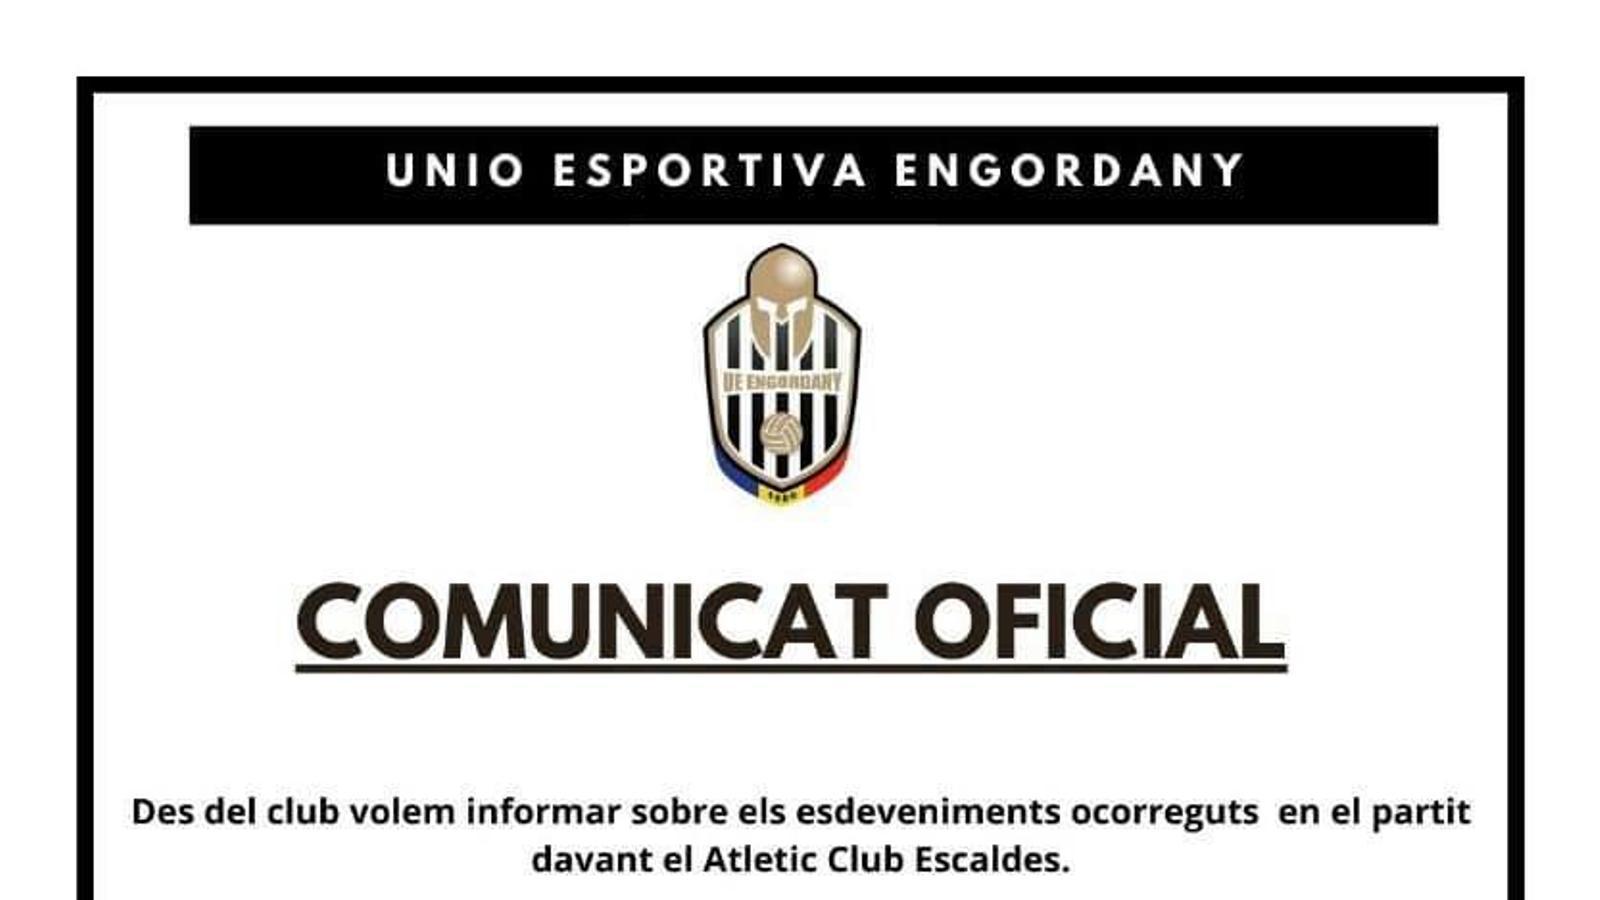 El comunicat oficial de la Unió Esportiva Engordany.